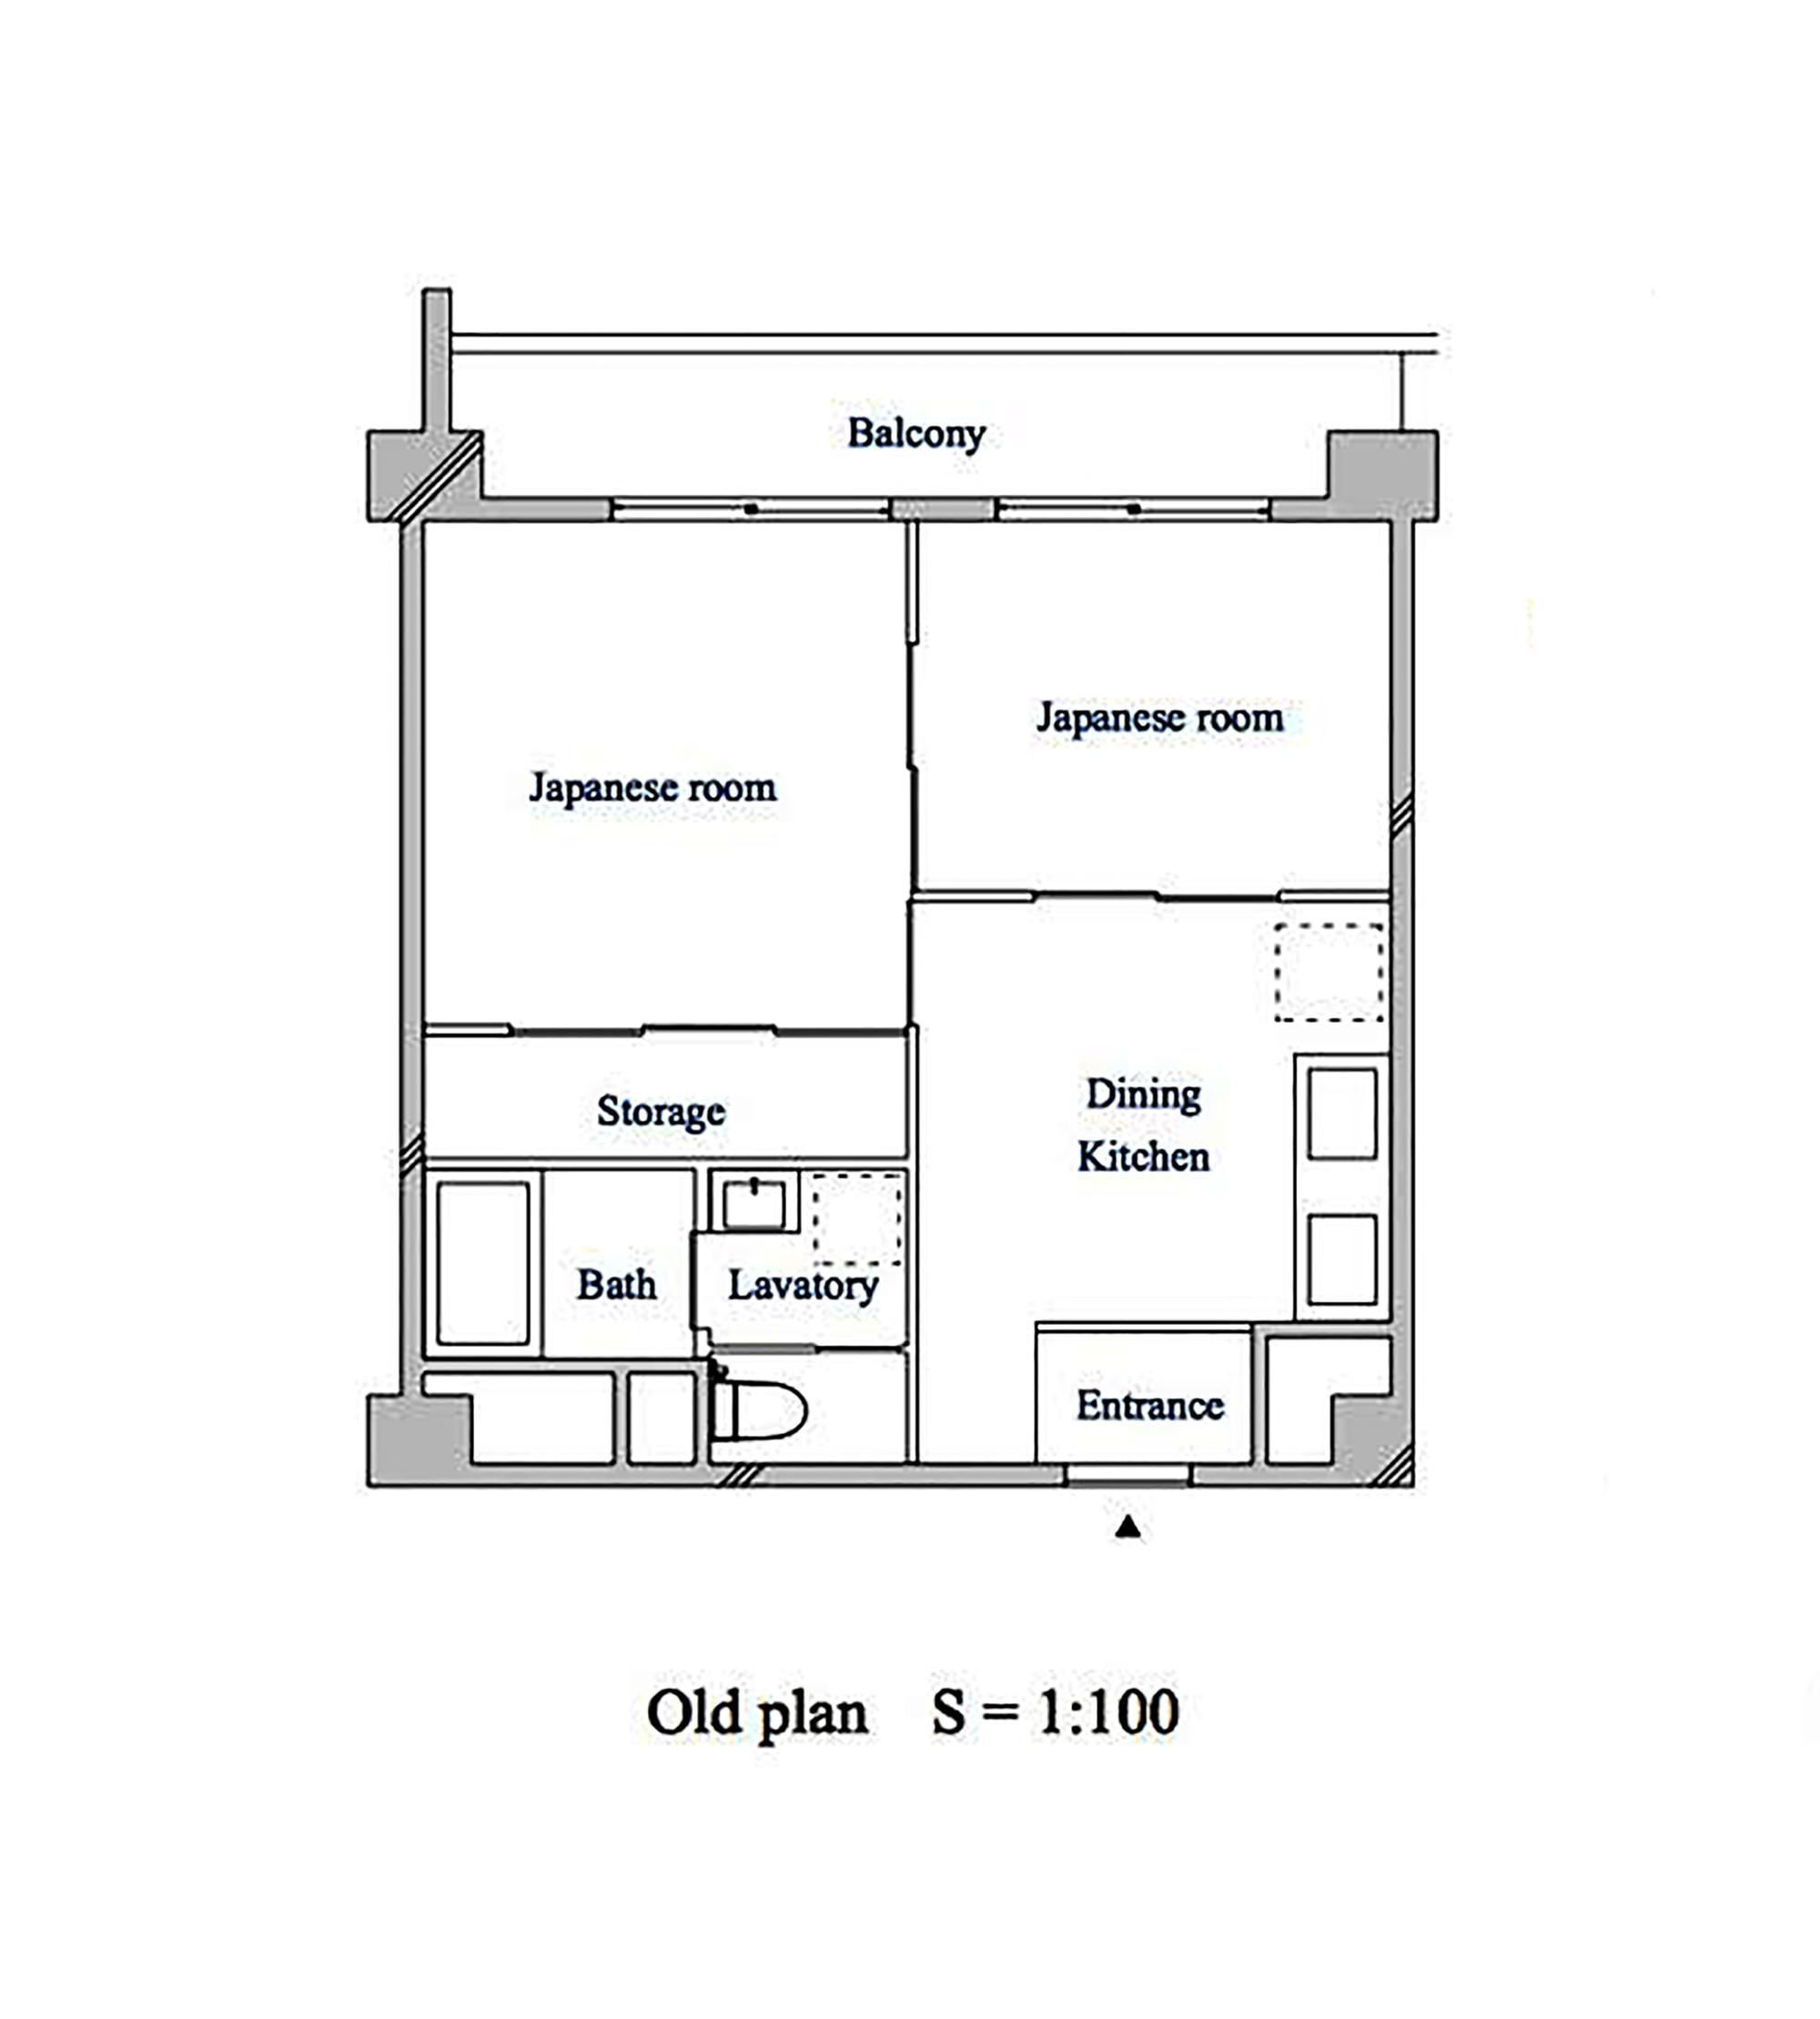 Standard Dimensions For Australian Kitchen Design: Galería De Casa De Baño Y Cocina / Takeshi Shikauchi